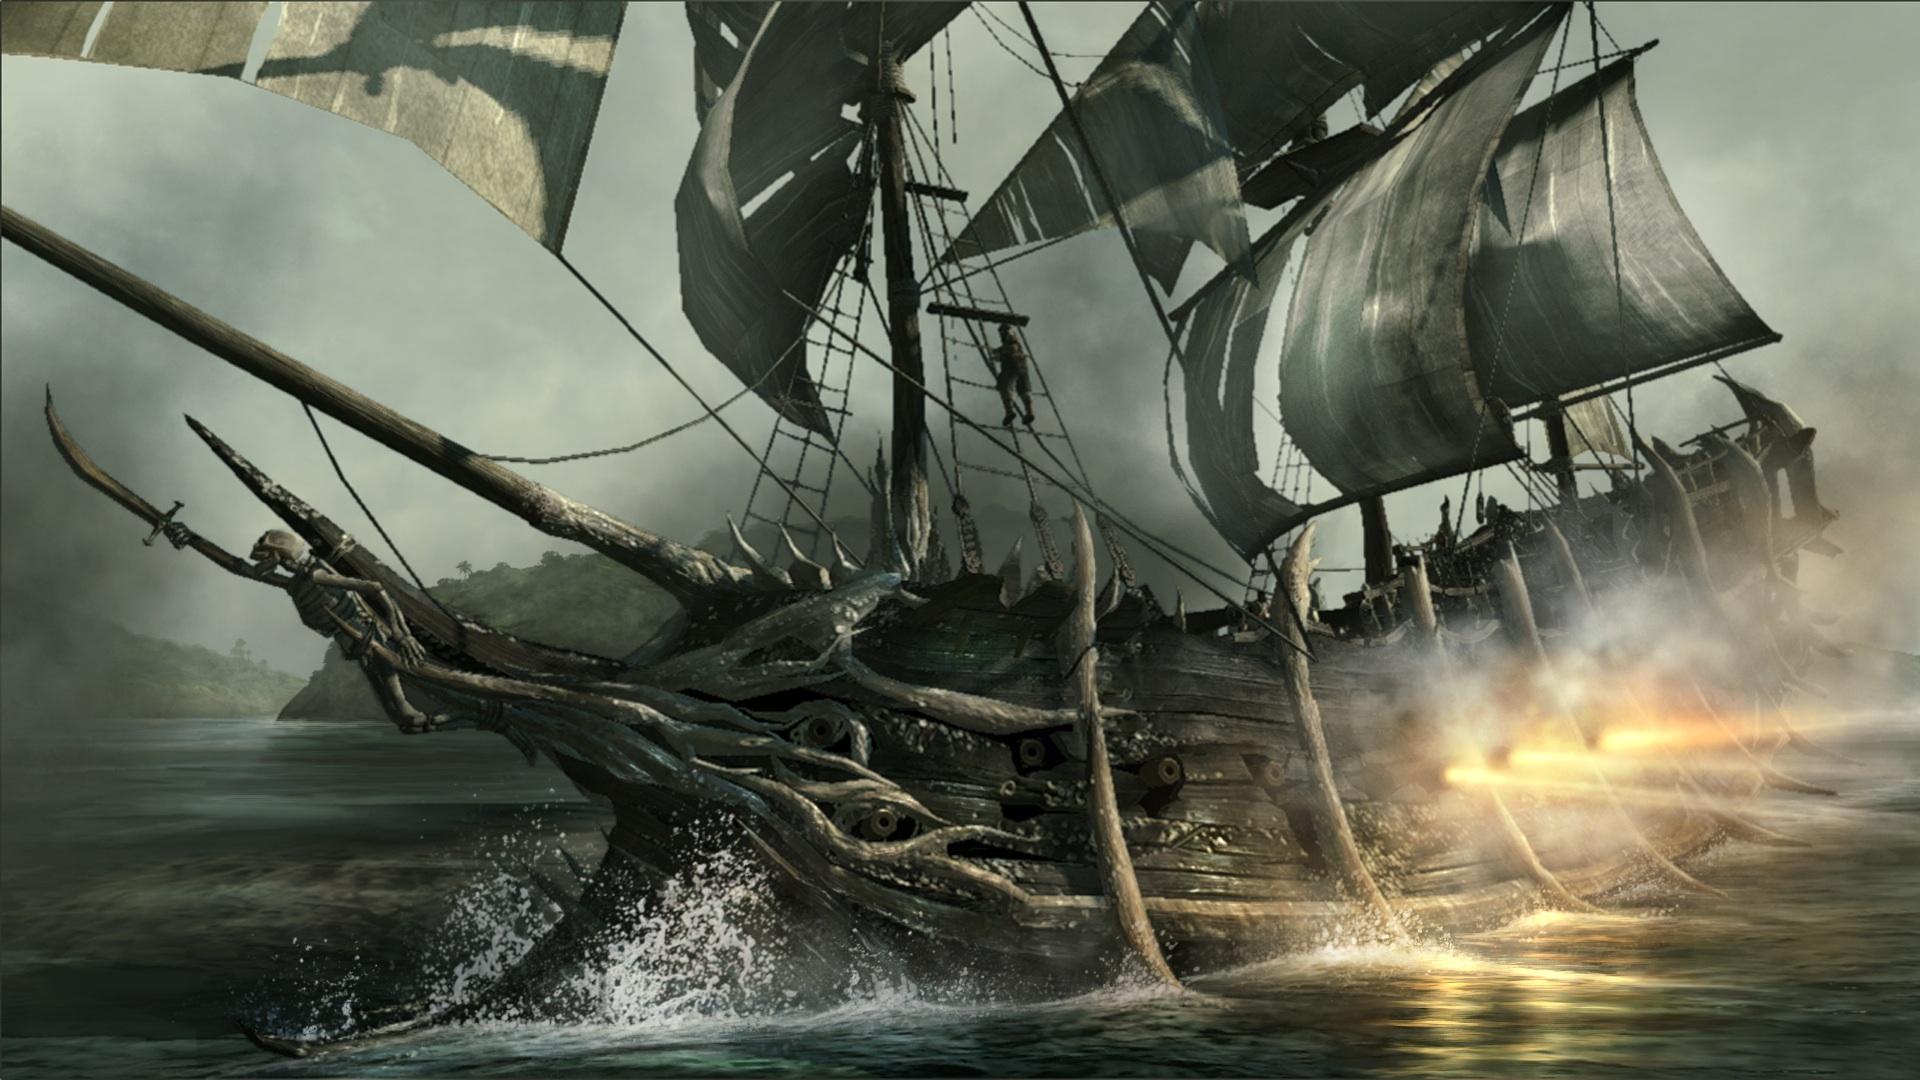 bateau pirate wallpaper - photo #16